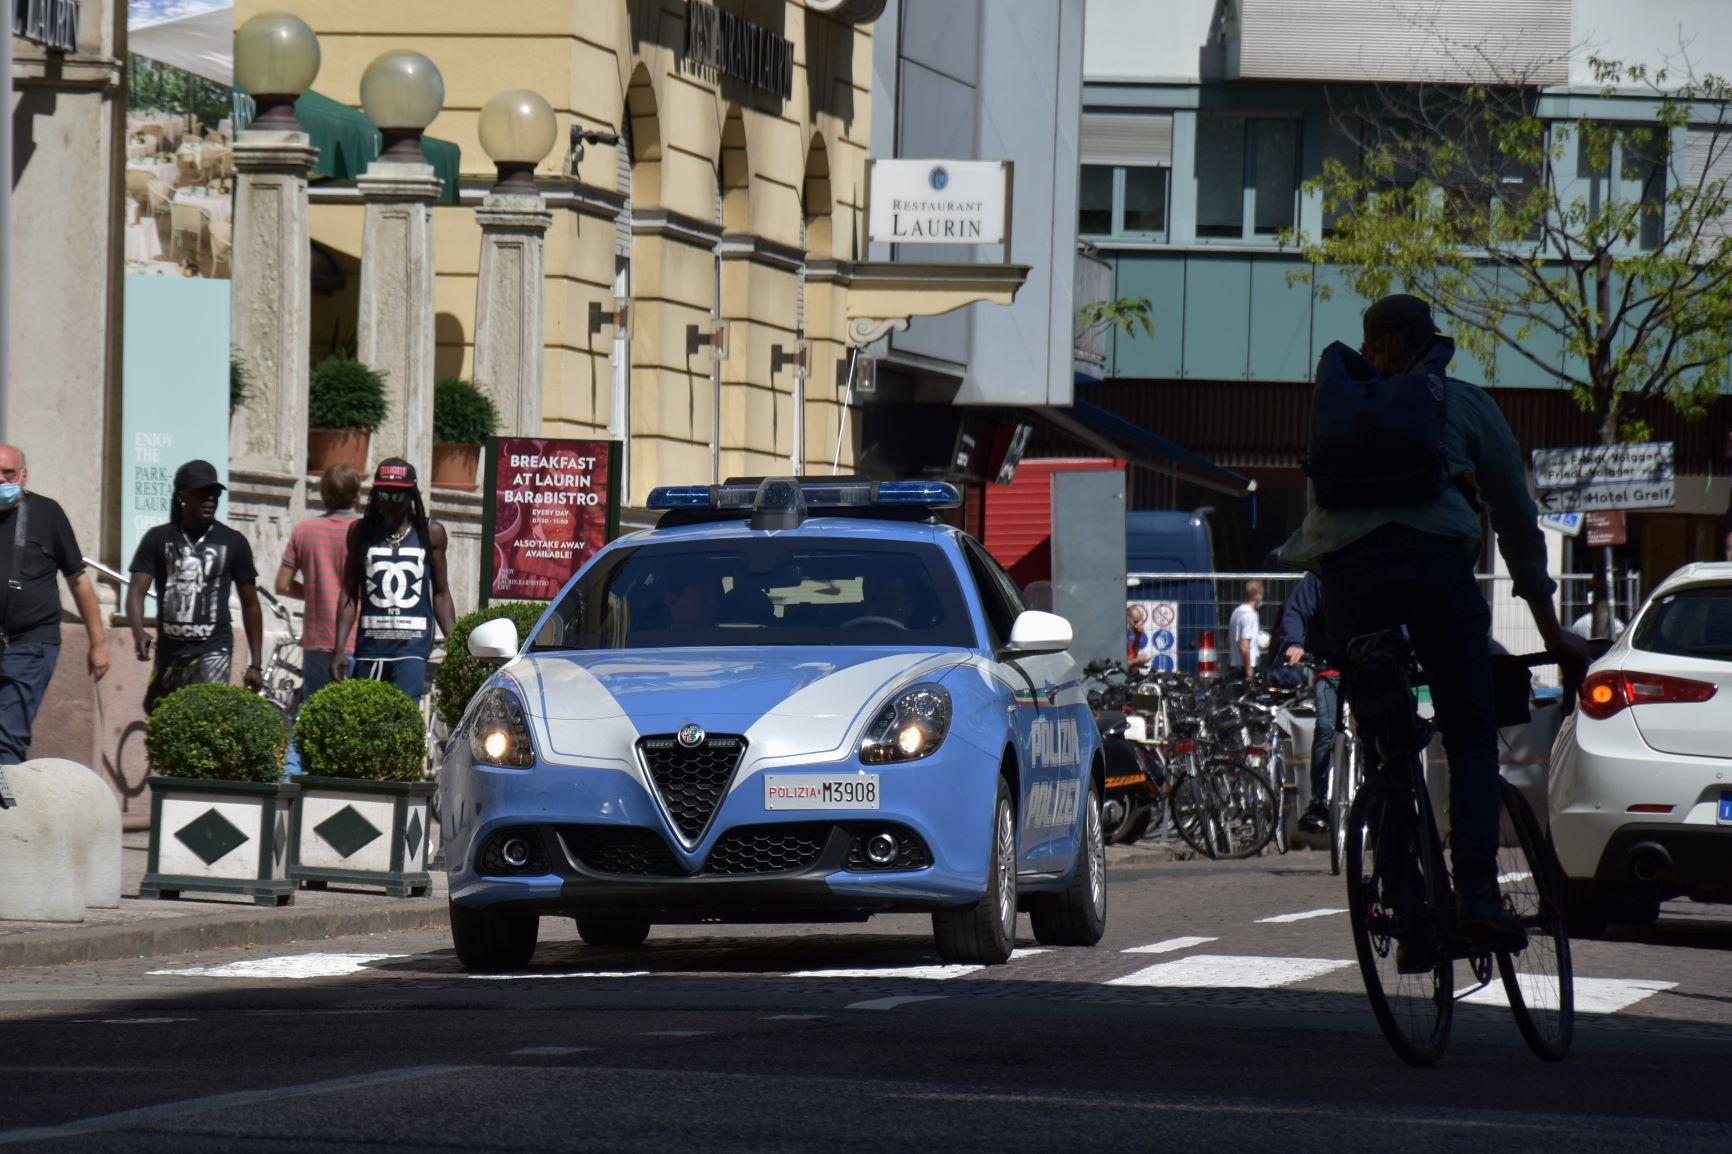 Polizia di Stato - Questure sul web - Bolzano